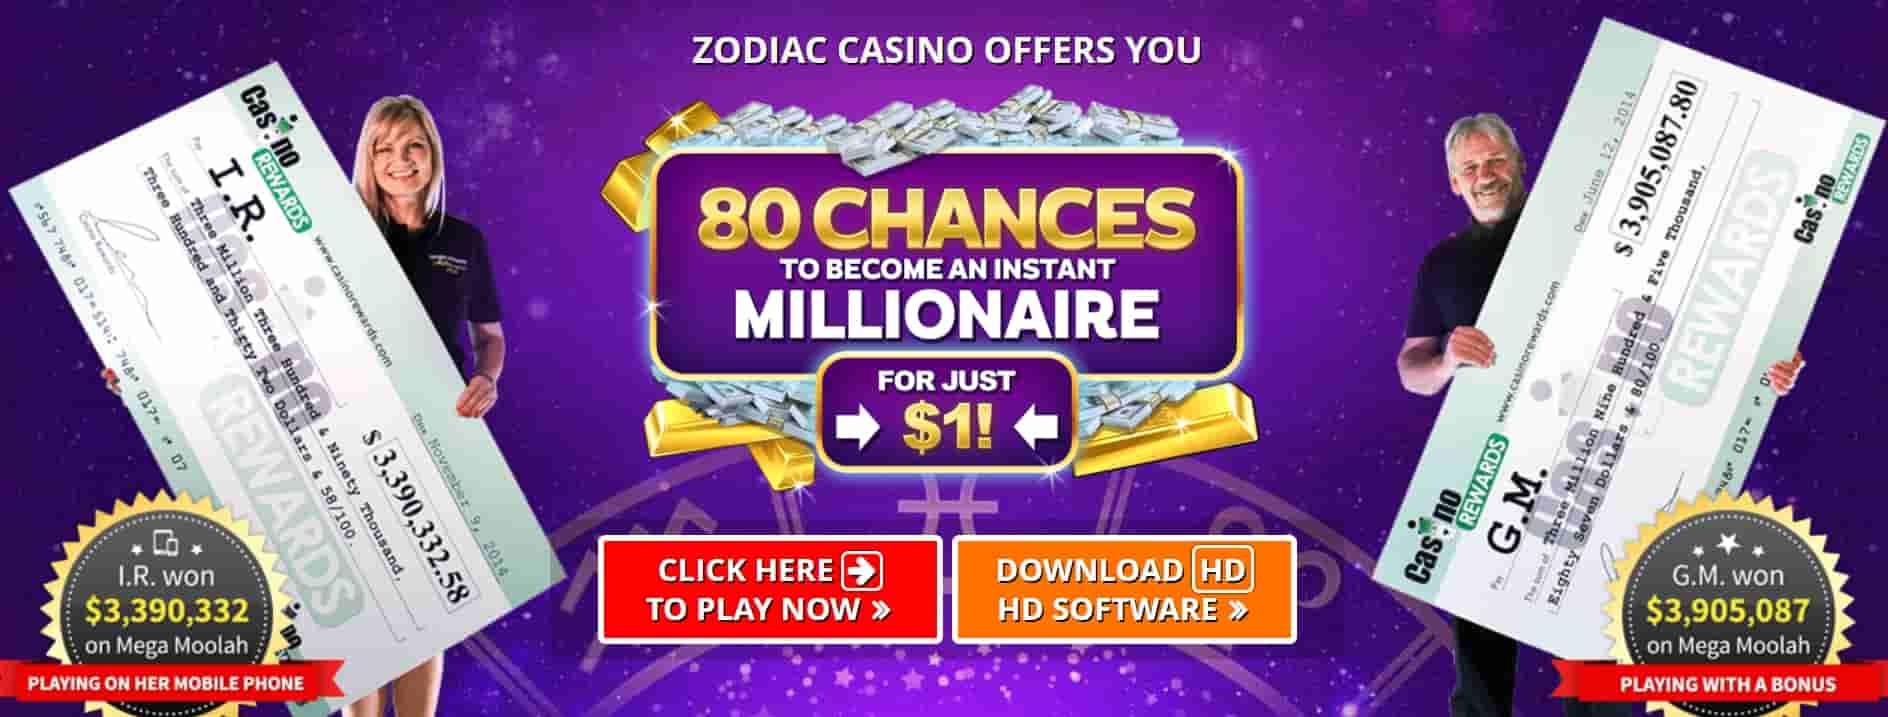 Zodiac Online Casino $1